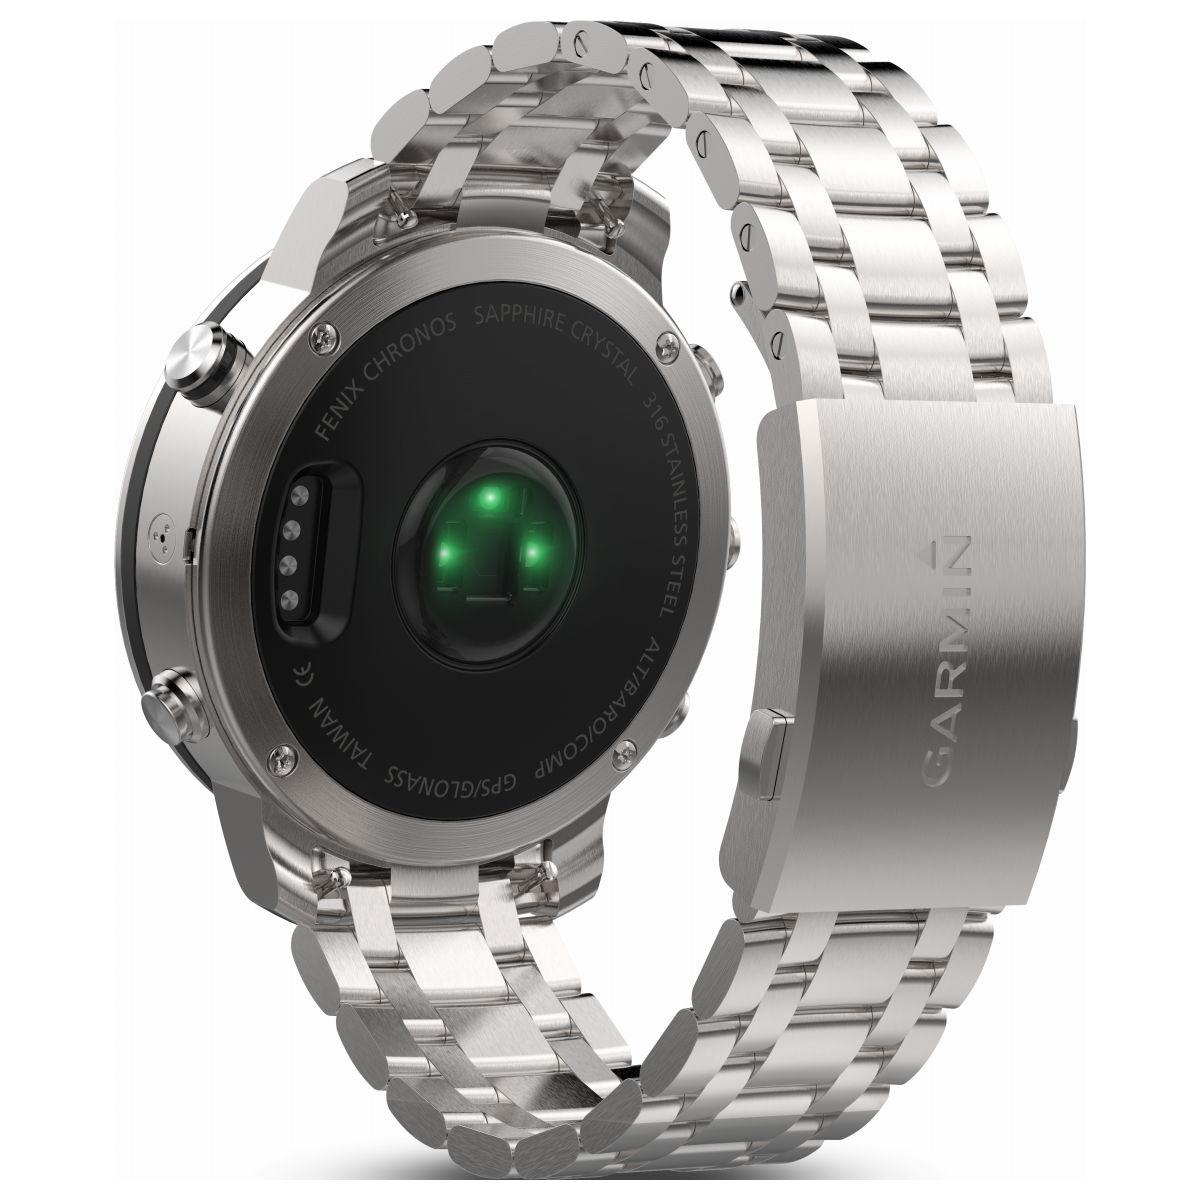 ガーミン GARMIN フェニックスJ fenix j Chronos Classic スマートウォッチ ウェアラブル端末 腕時計 メンズ レディース 010-01957-61